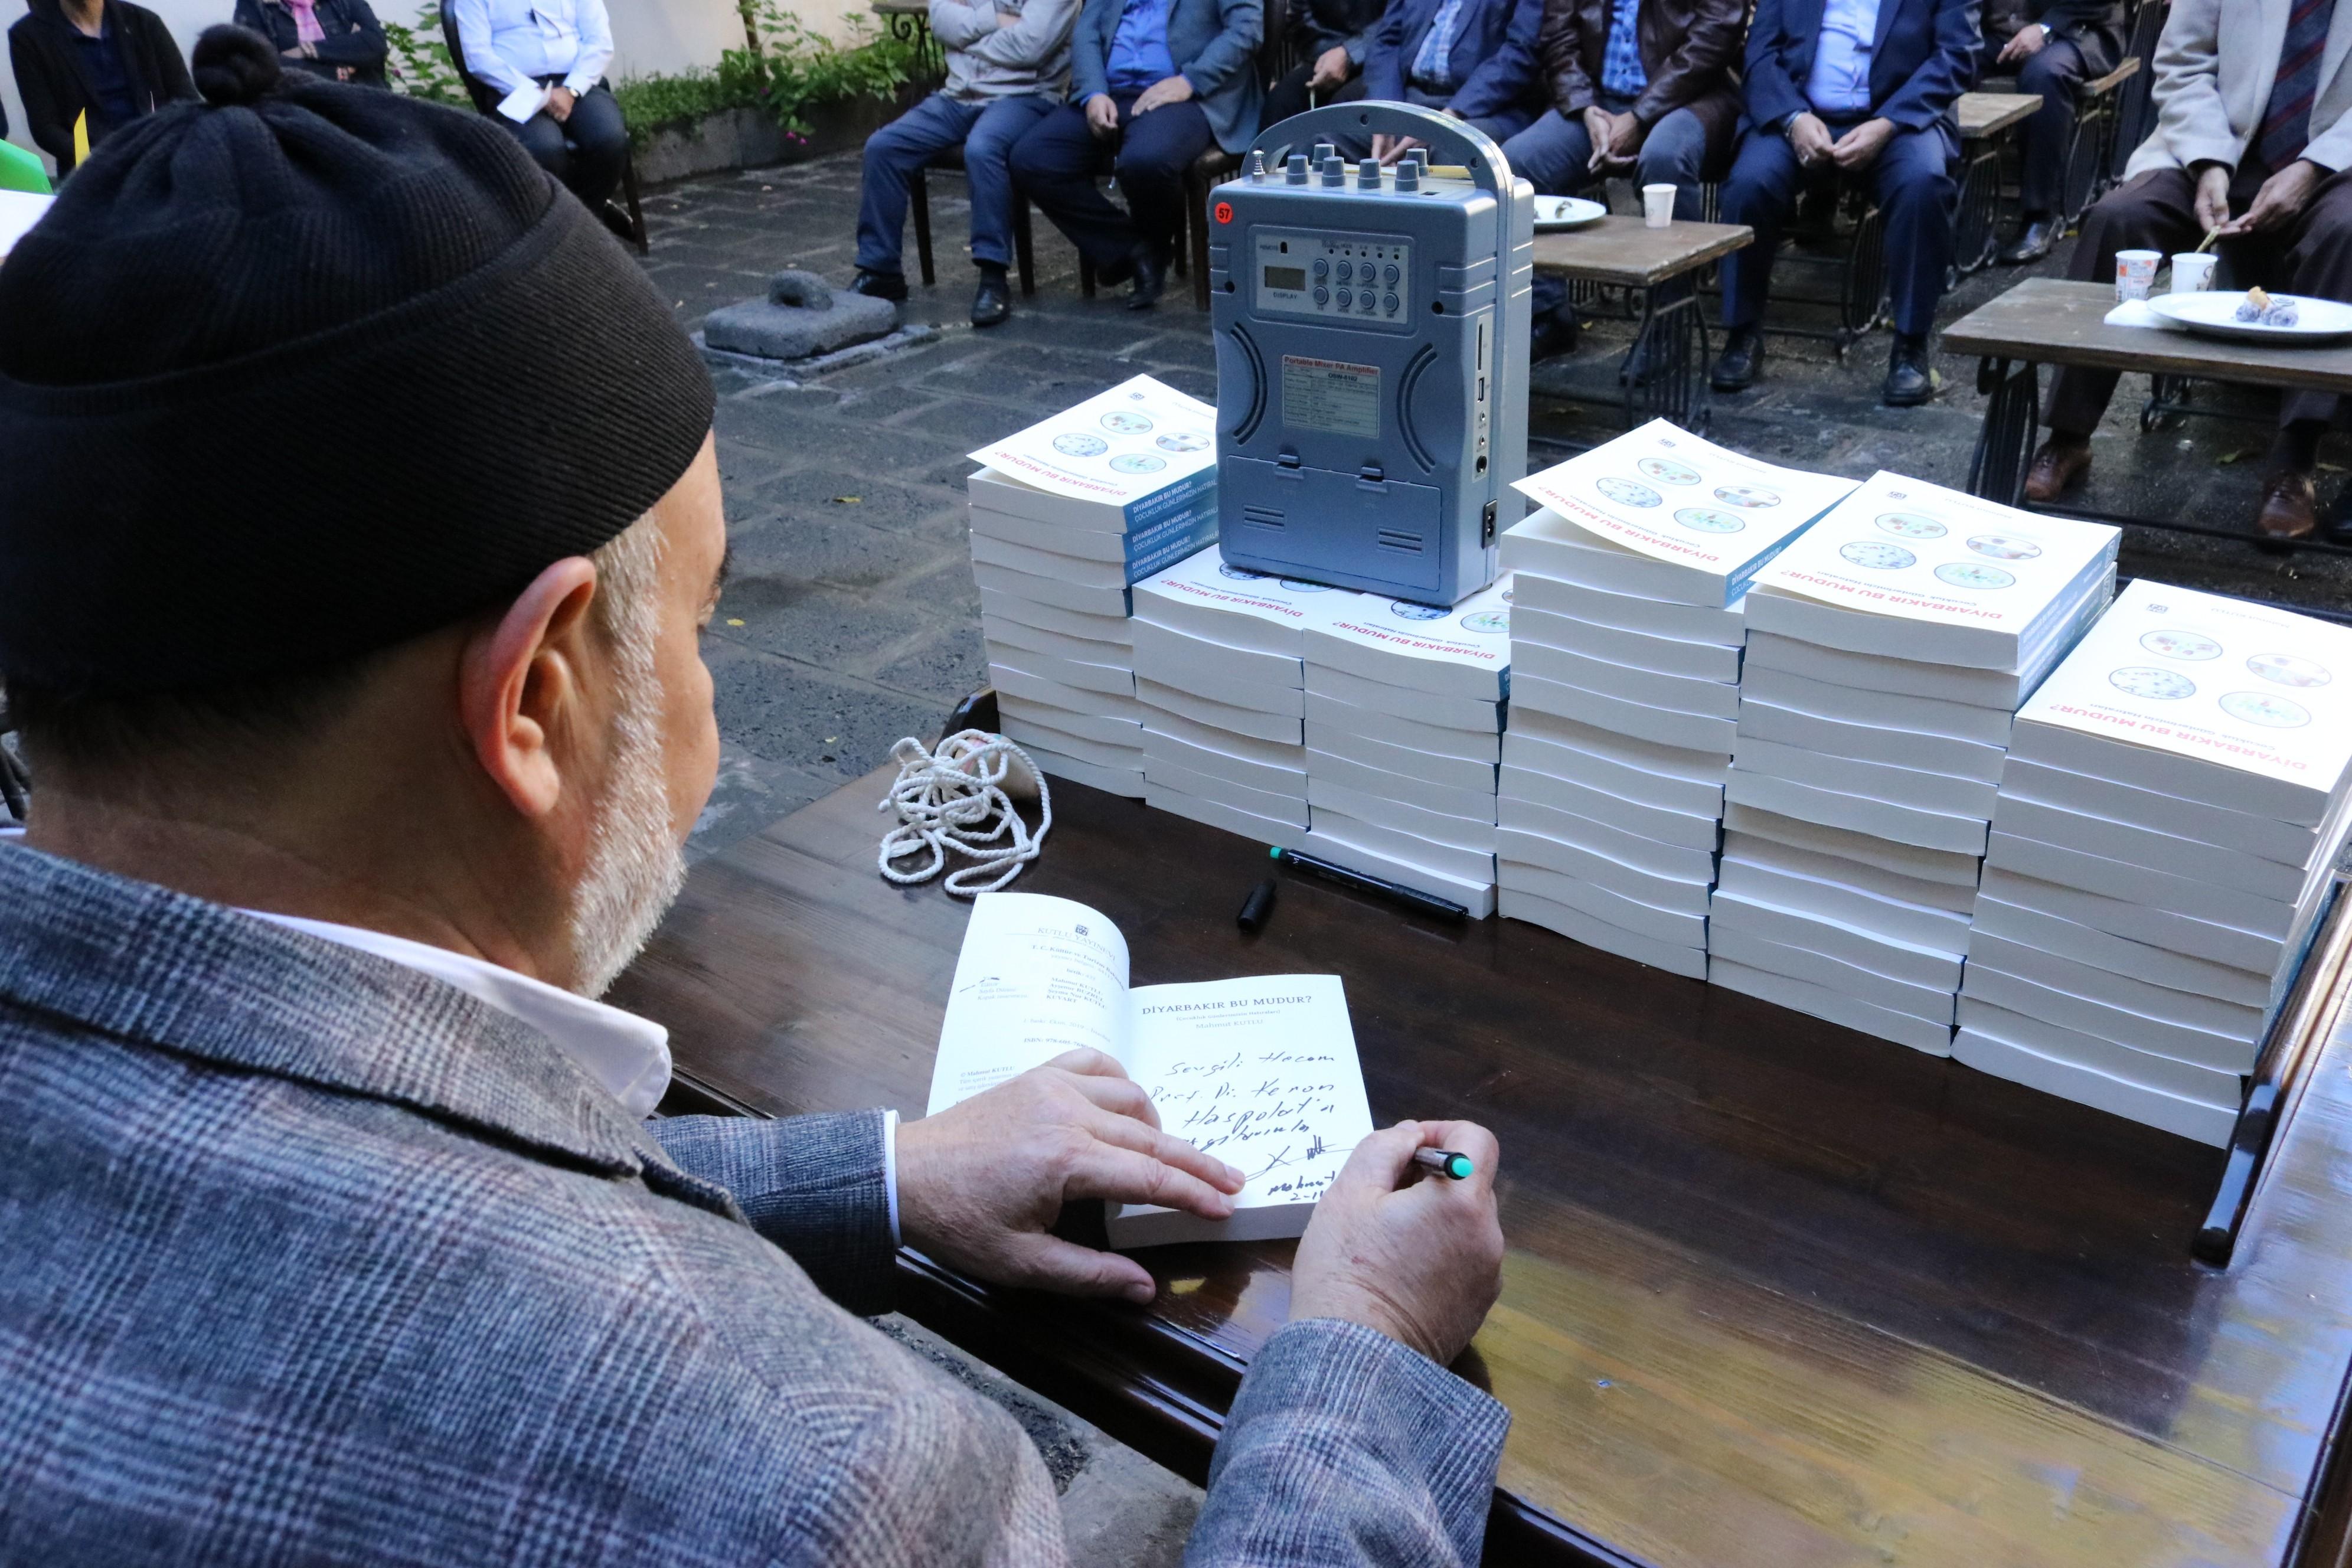 Yazar Mahmut Kutlu kitap tanıtımında okurlarıyla bir araya geldi